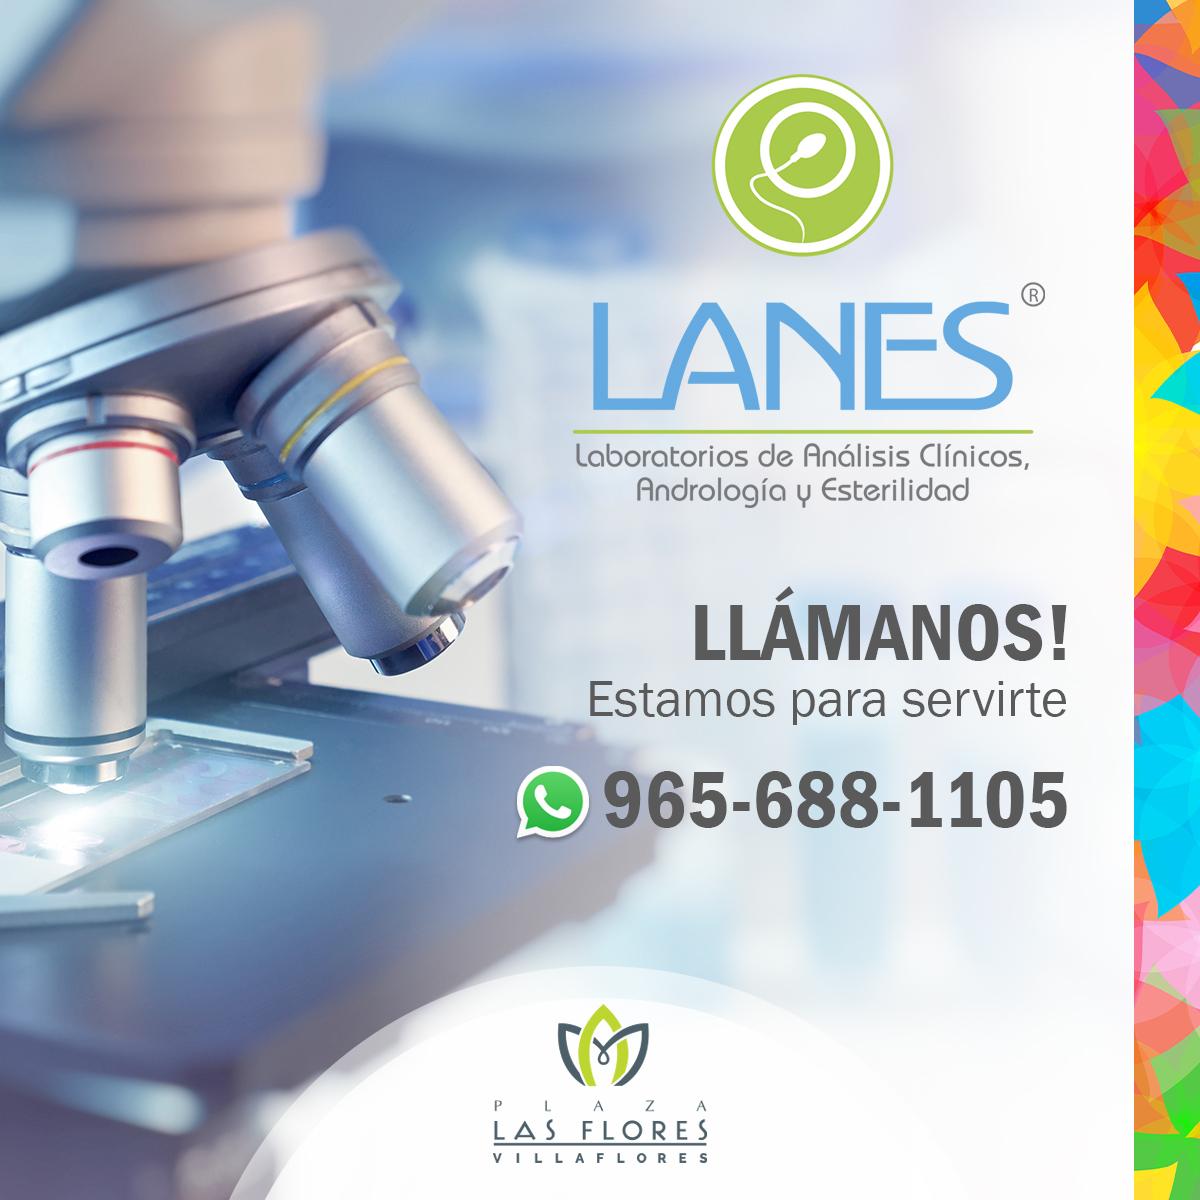 LasFlores-Telefonos-Lanes copy